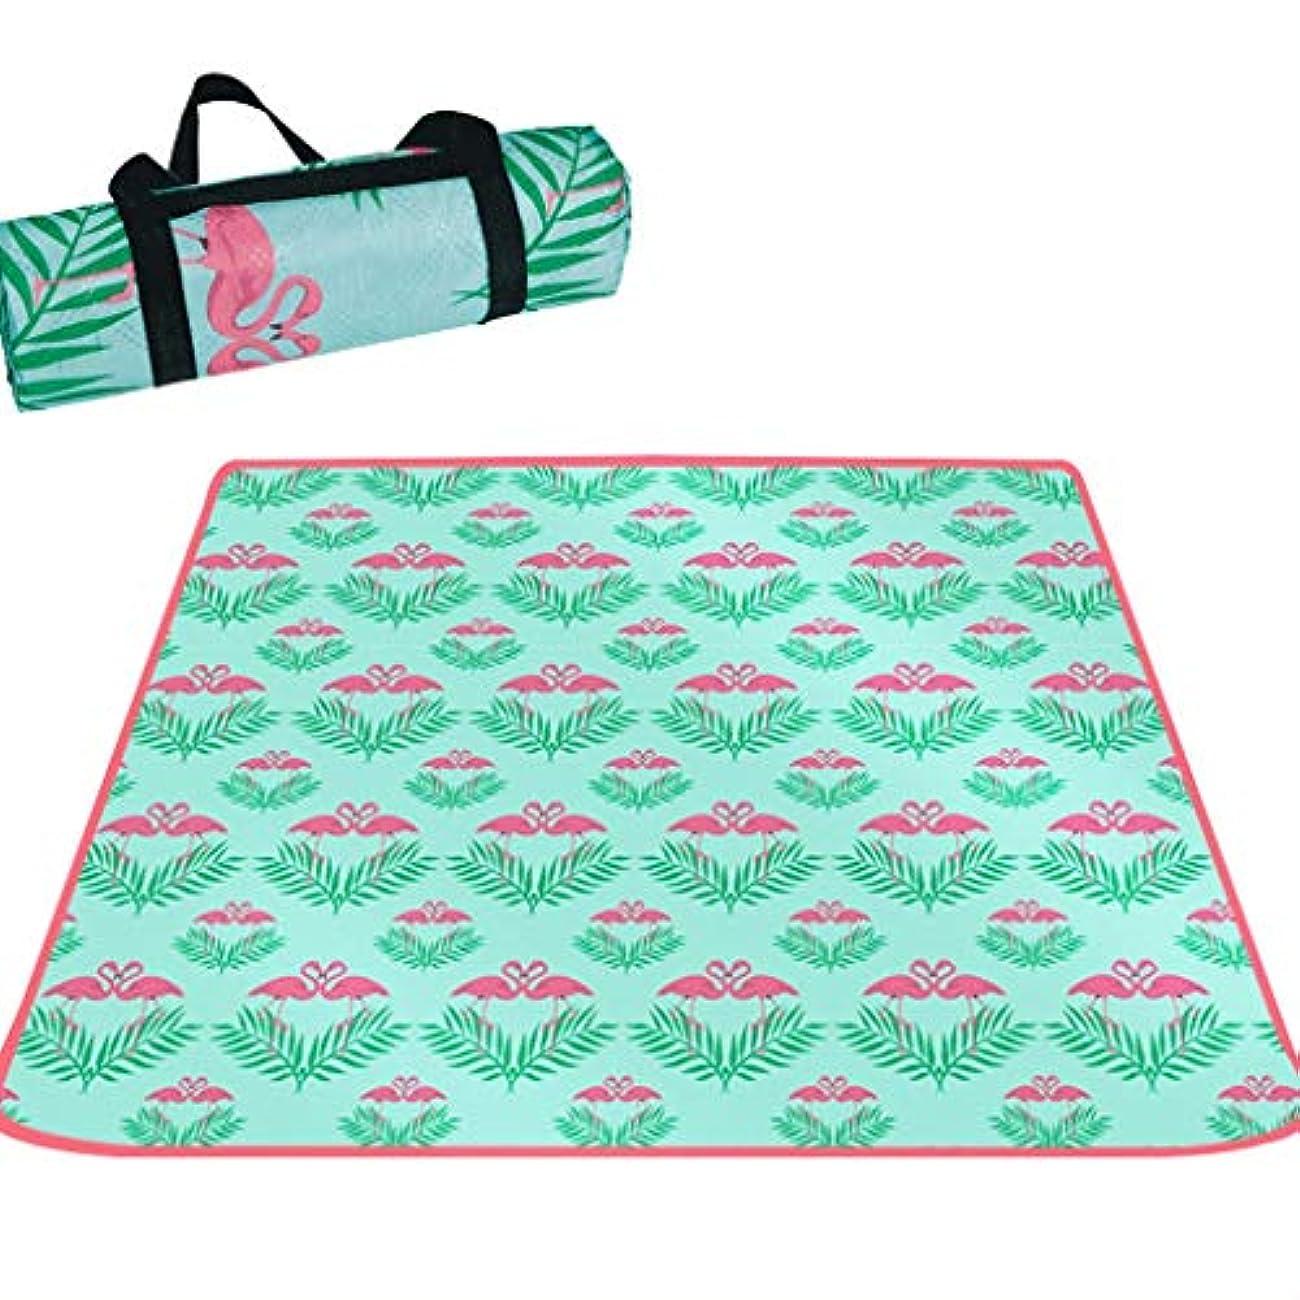 争うもっとすぐに便利なビーチマット 超音波機洗えるピクニックマットオックスフォード布ピンホールフリー防水マット屋外テントマットフロアマット 折りたたみ式とポータブル (Color : C)